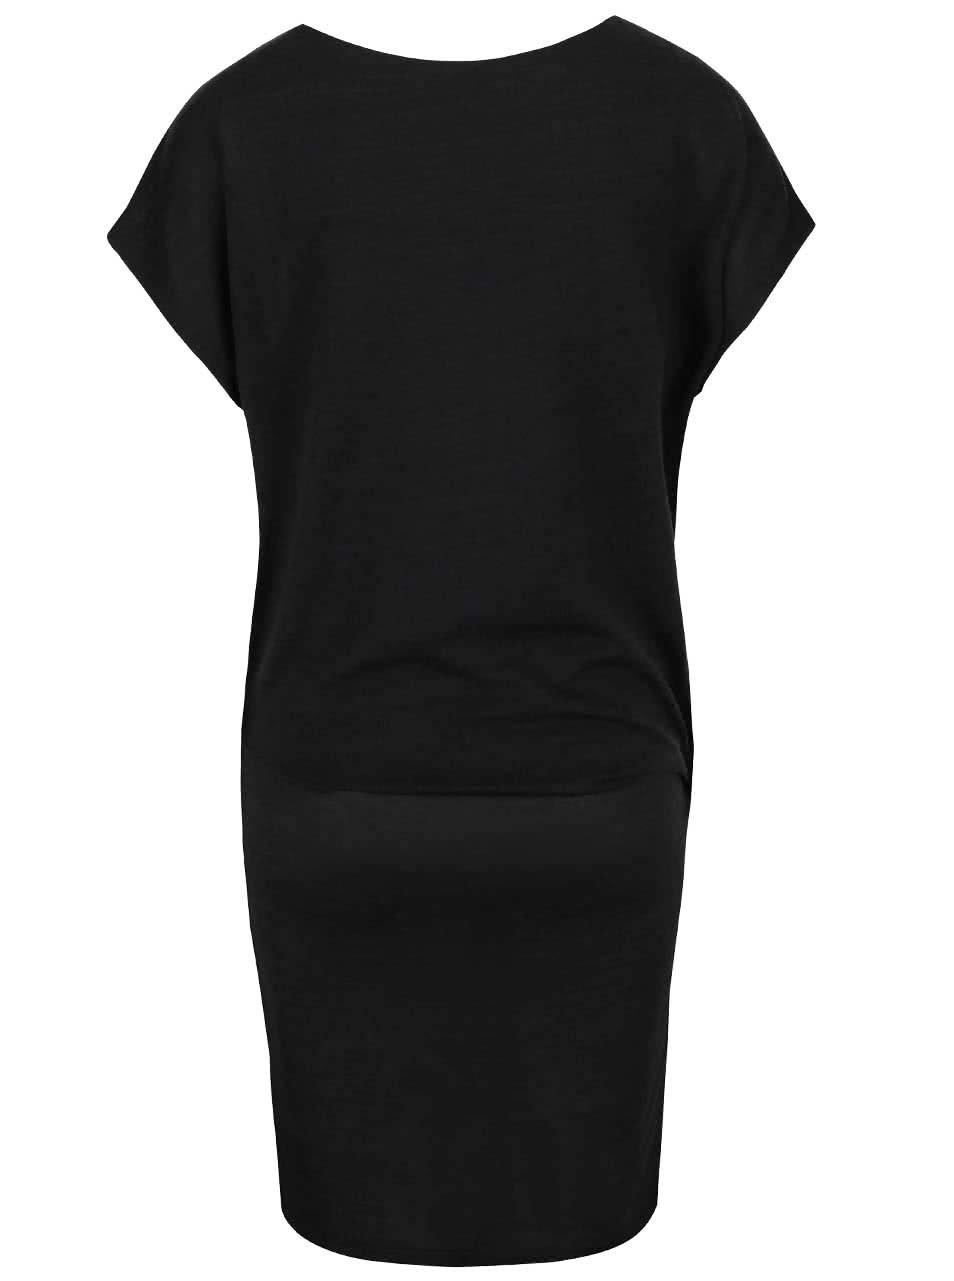 234c60b55402 Tmavě šedé elastické šaty s volnějším topem VILA Sissa ...